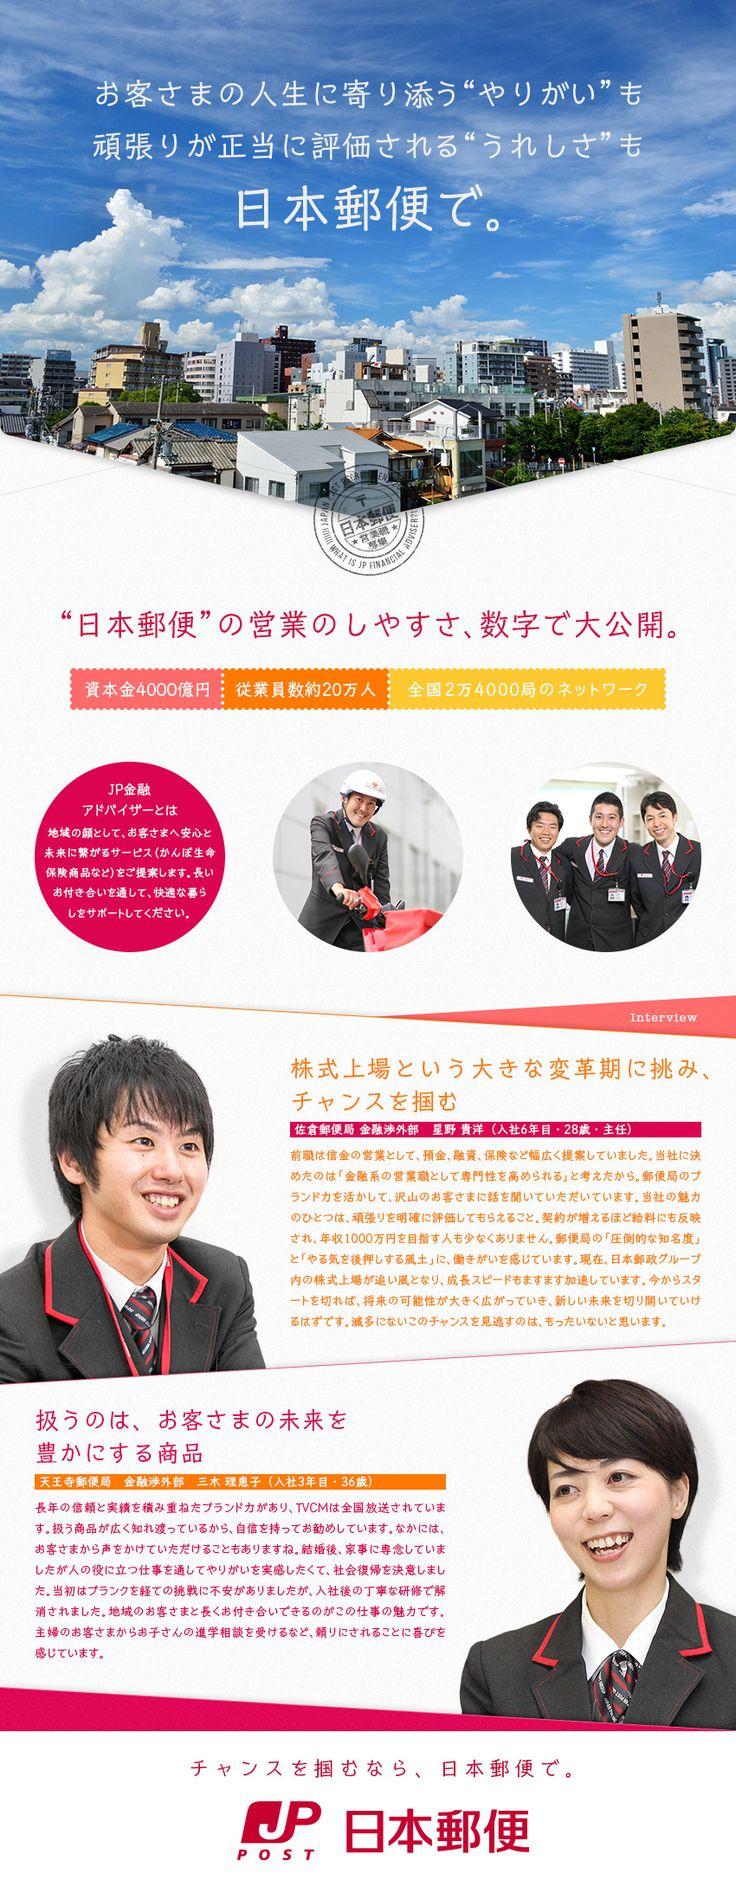 日本郵便株式会社(日本郵政グループ)/未経験からでも安心スタート「郵便局の仕事」(女性、若手も活躍)※応募期限8/14の求人PR - 転職ならDODA(デューダ)